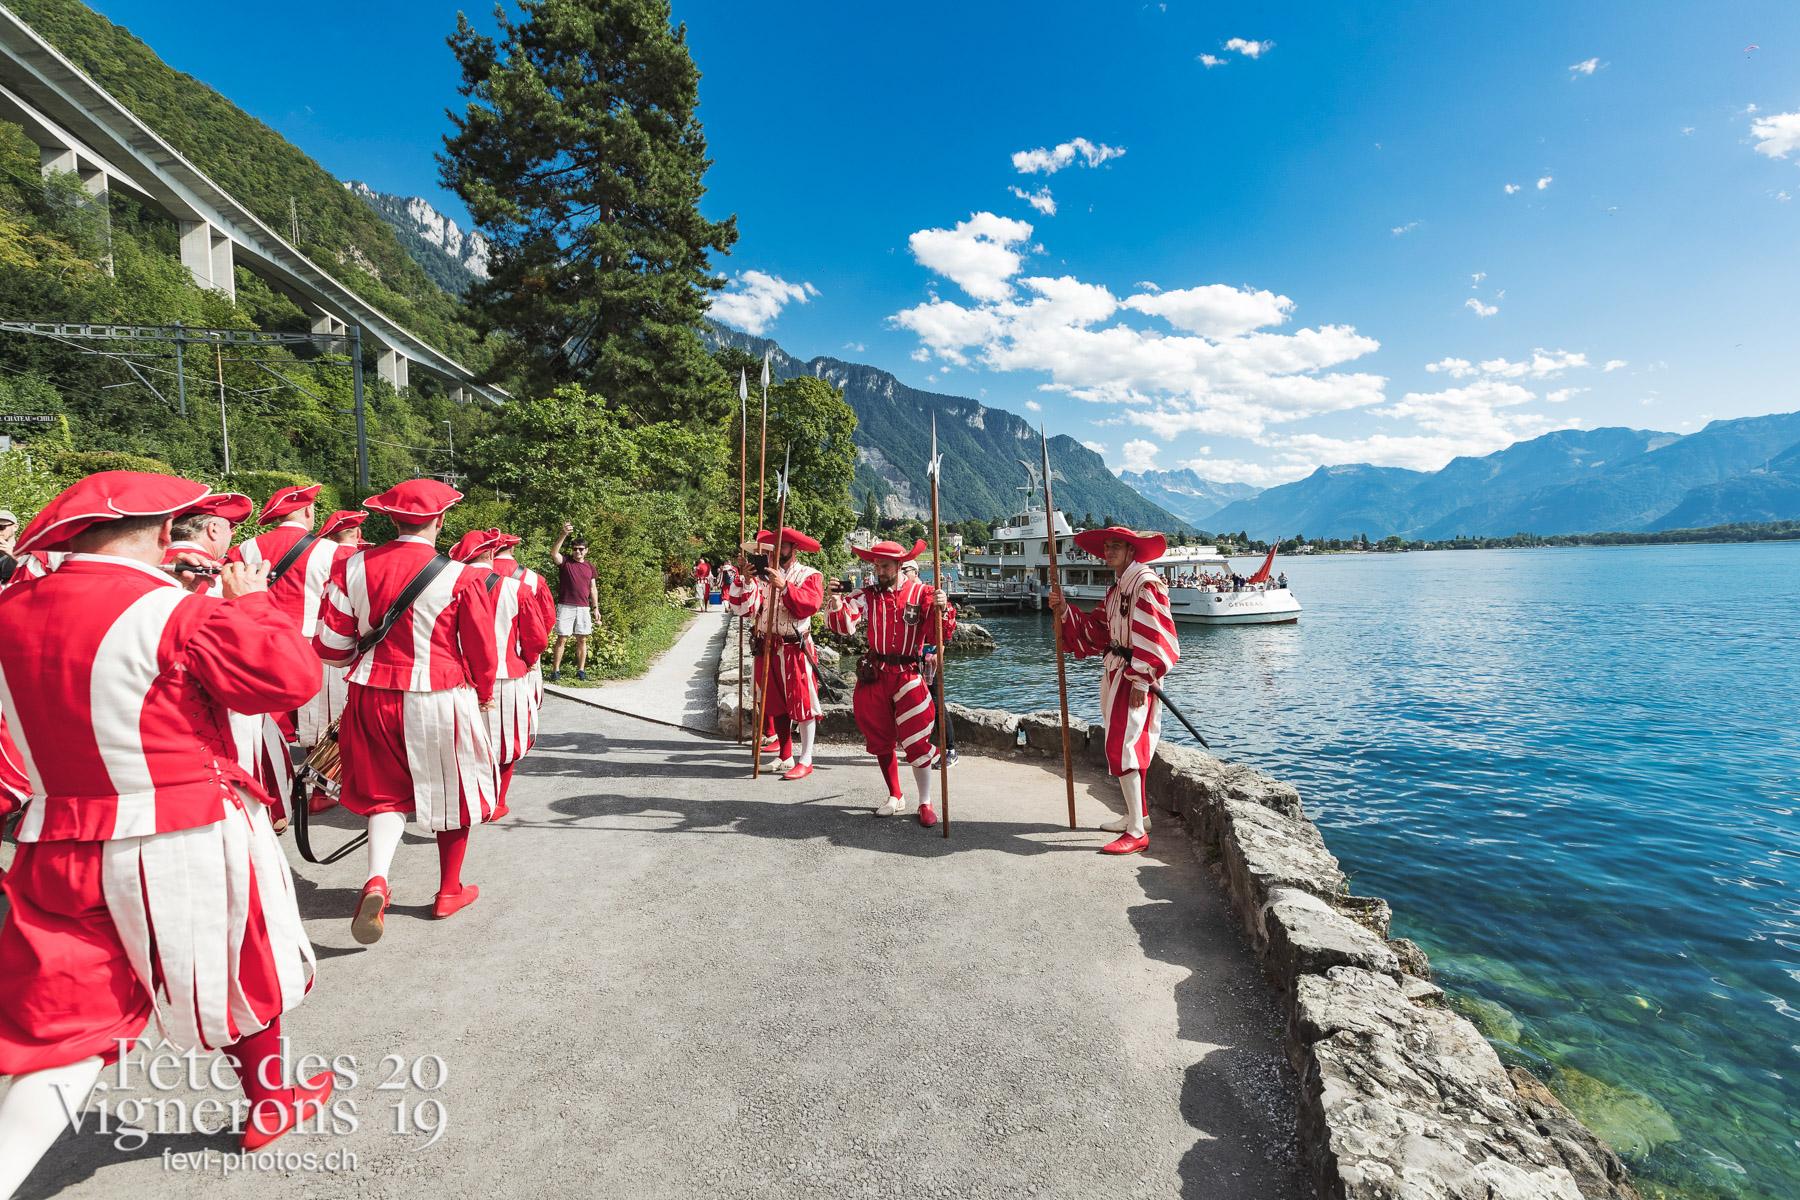 Cent Suisses Chillon - Chillon, cent suisses. Photographes de la Fête des Vignerons 2019